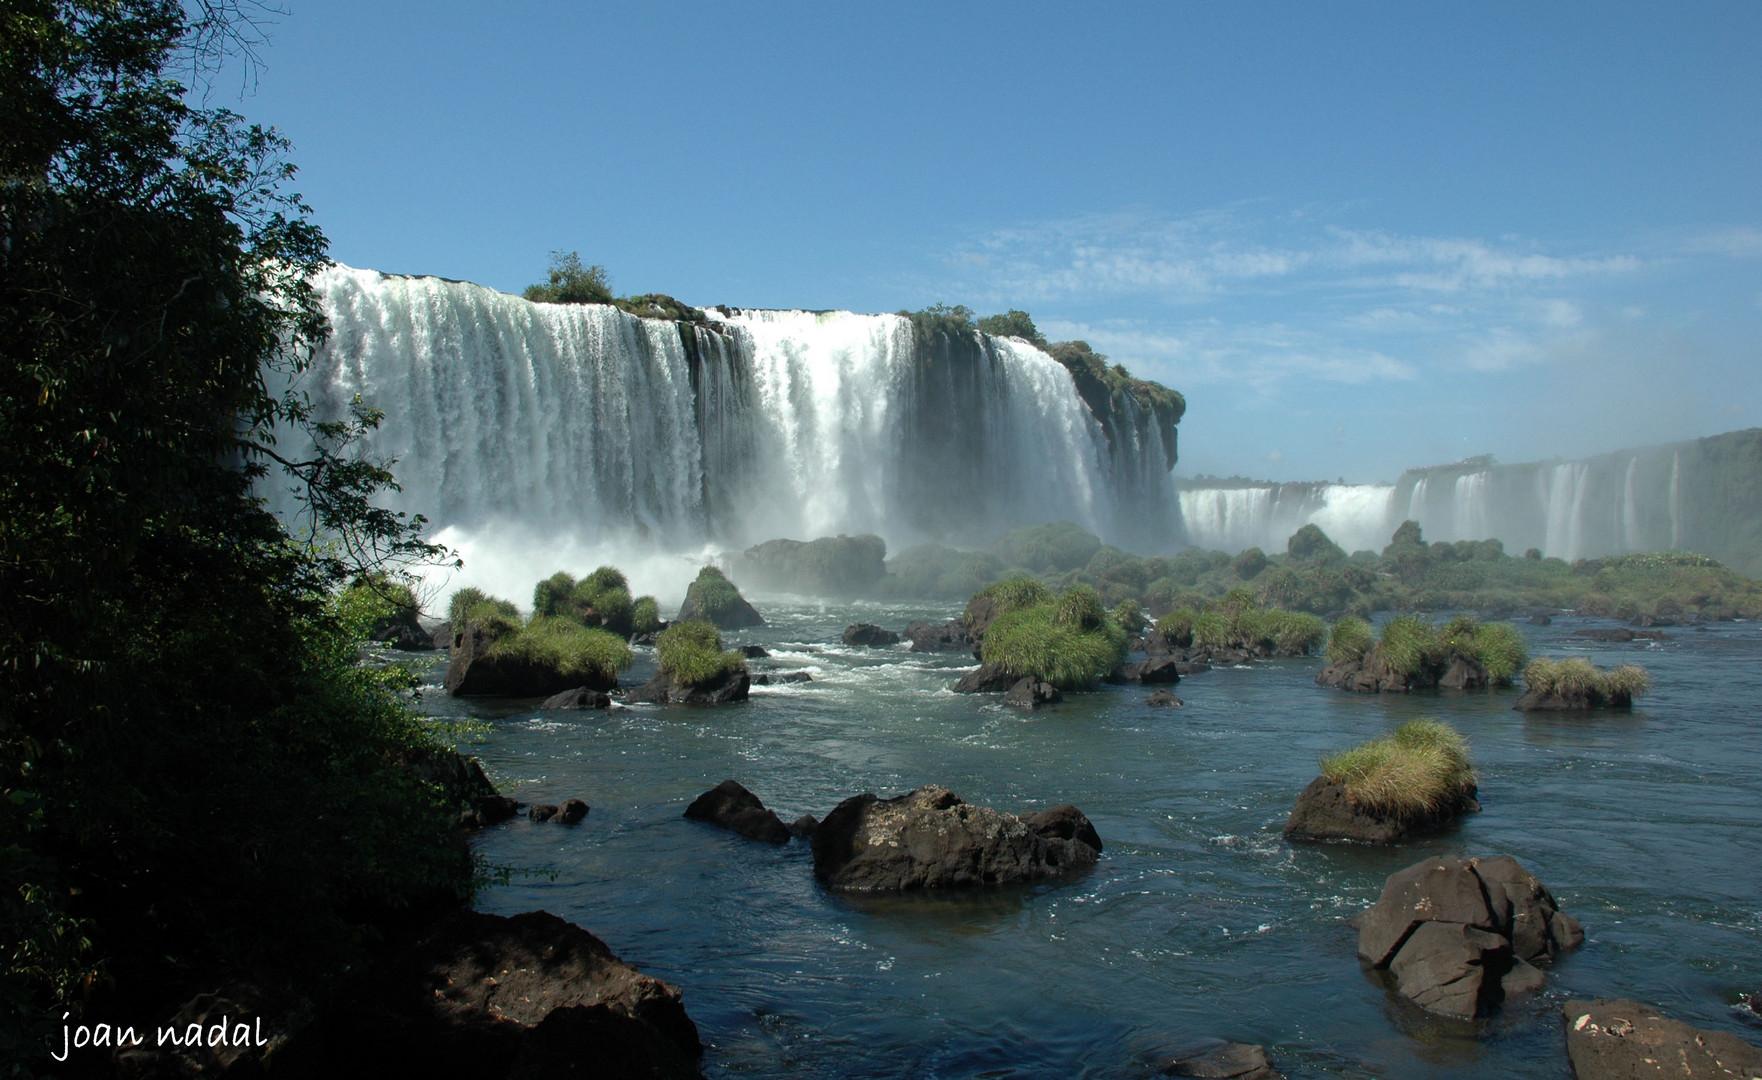 Cataratas de Iguazú. 2